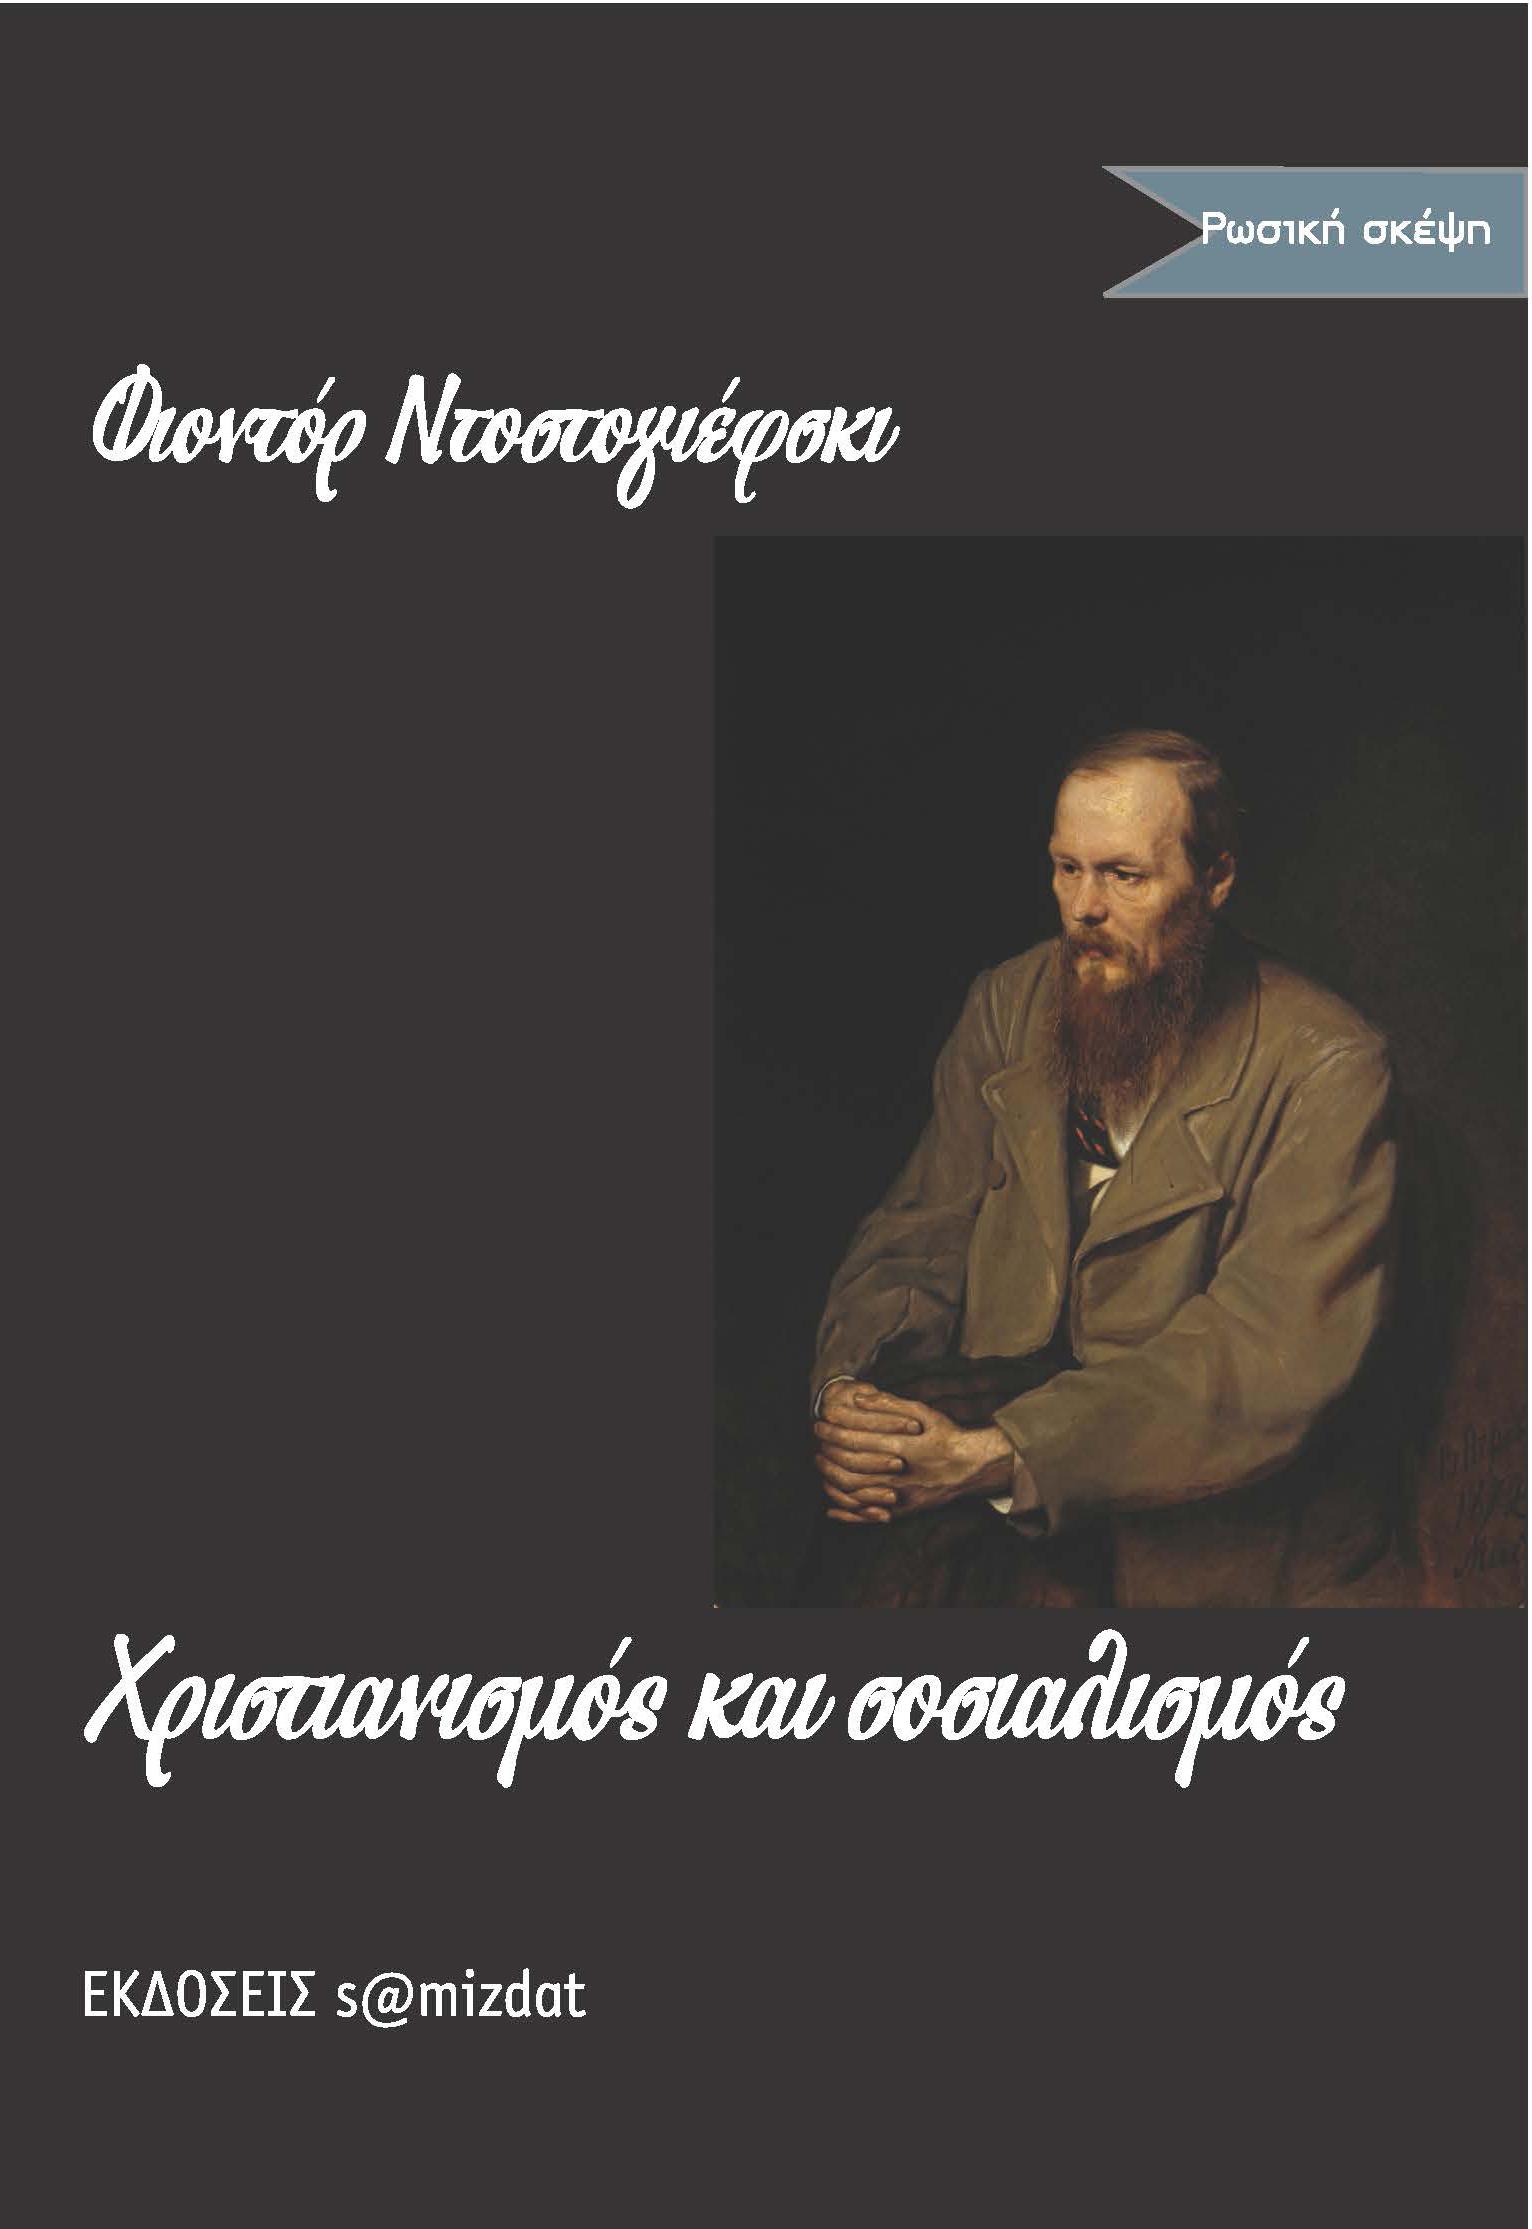 Φιοντόρ Ντοστογιέφσκι Χριστιανισμός και σοσιαλισμός